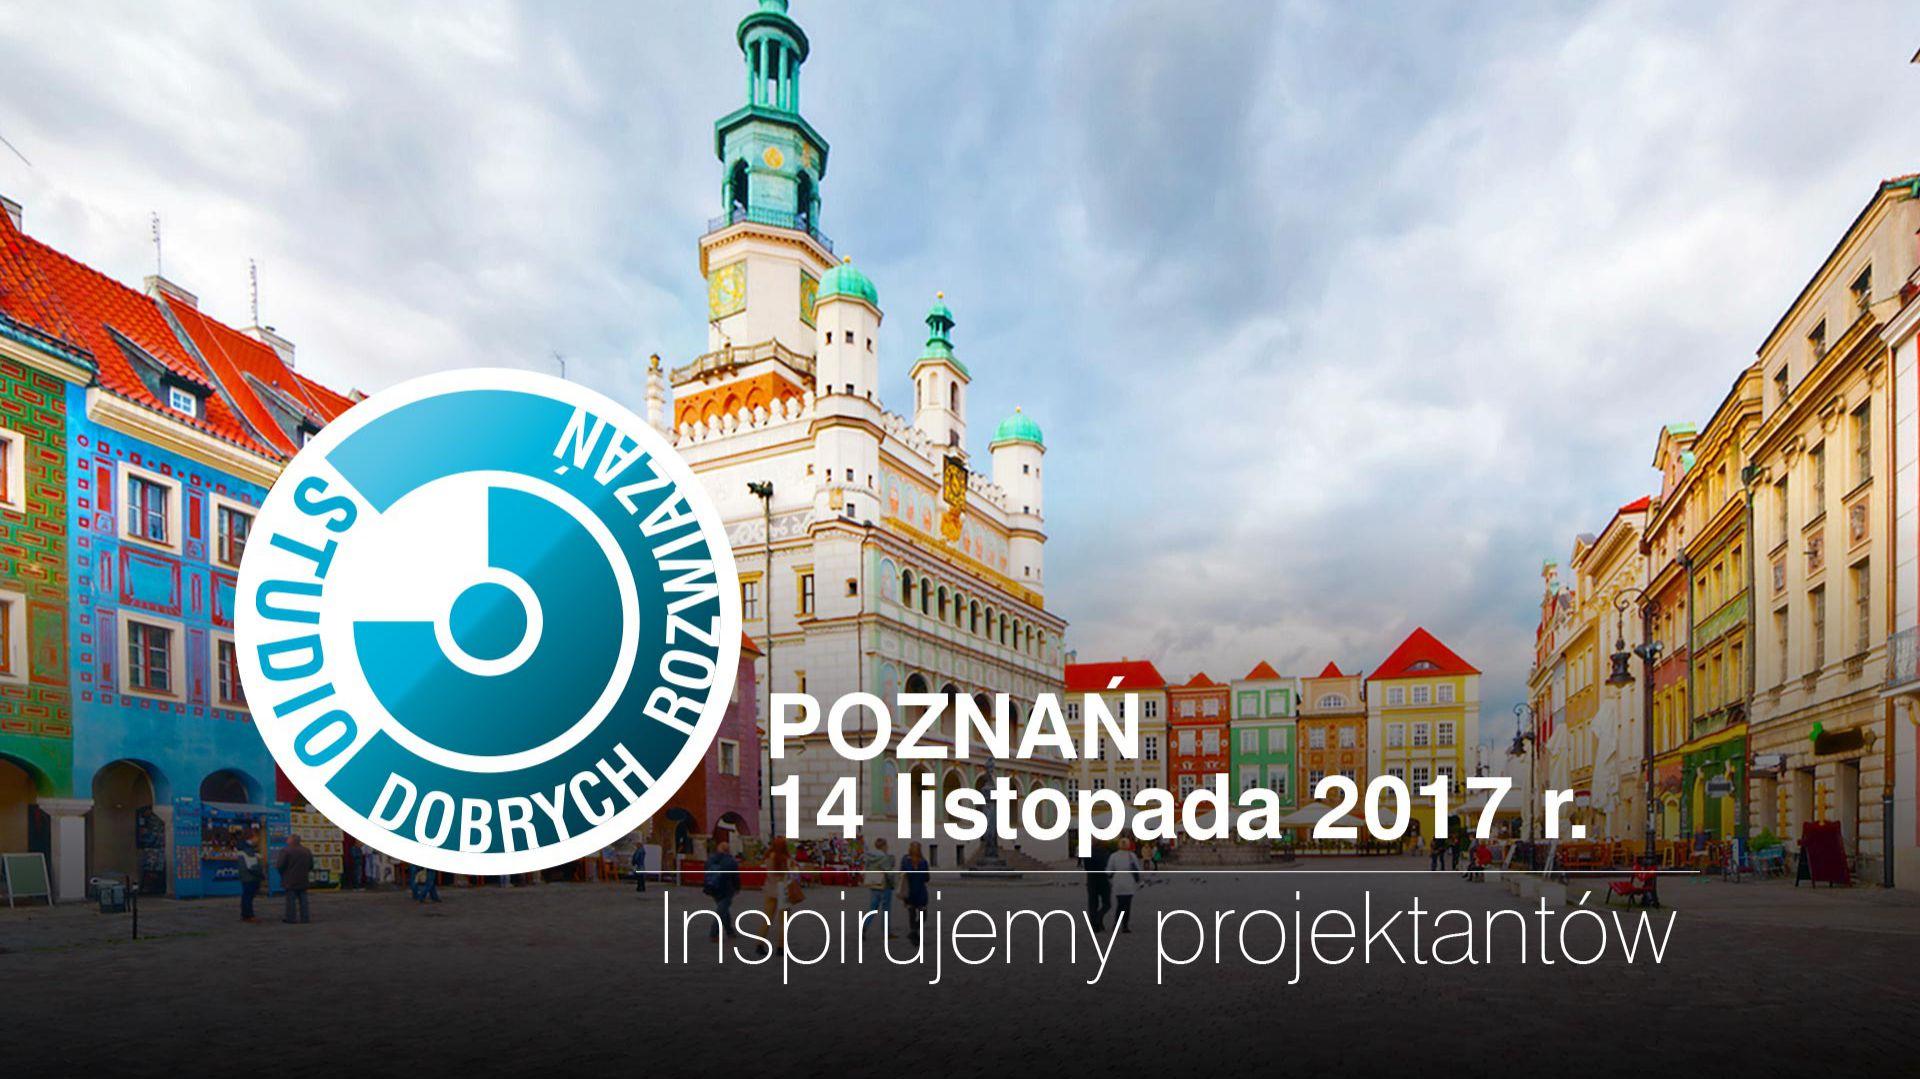 SDR Poznań